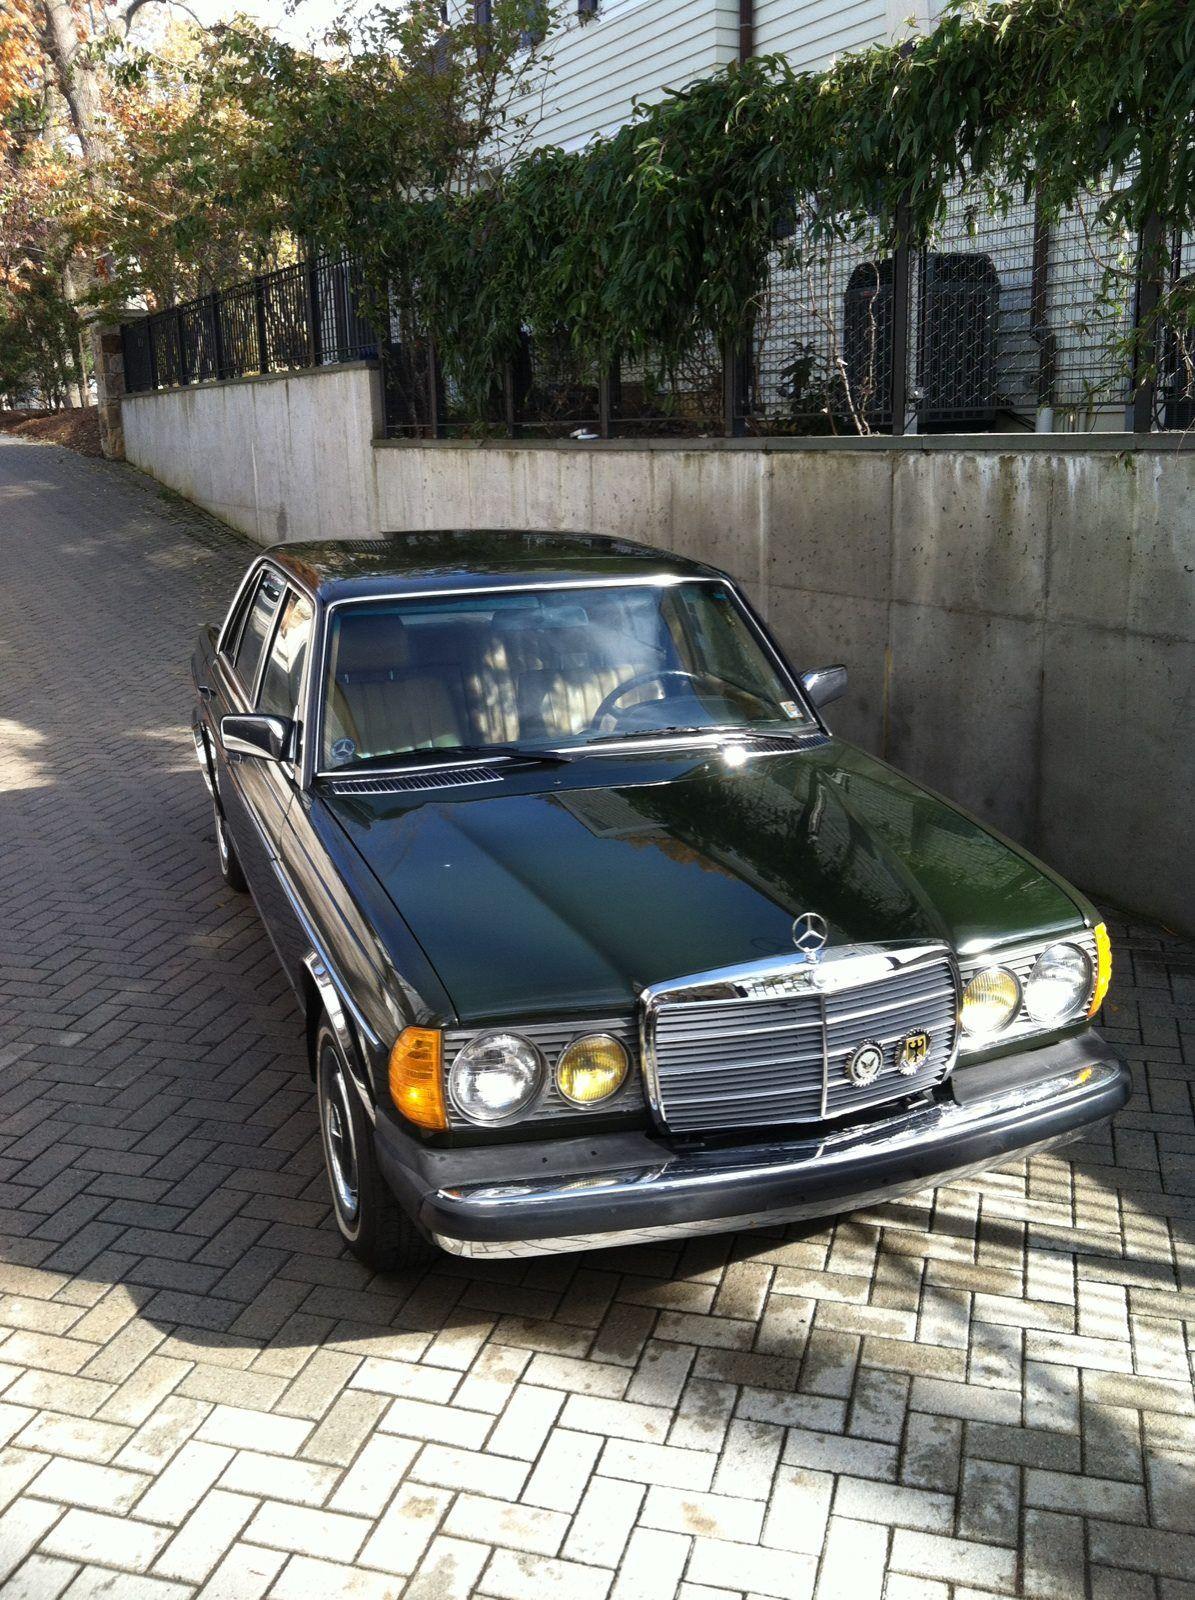 Mercedes Benz W123 Mercedes Benz World Mercedes Benz Classic